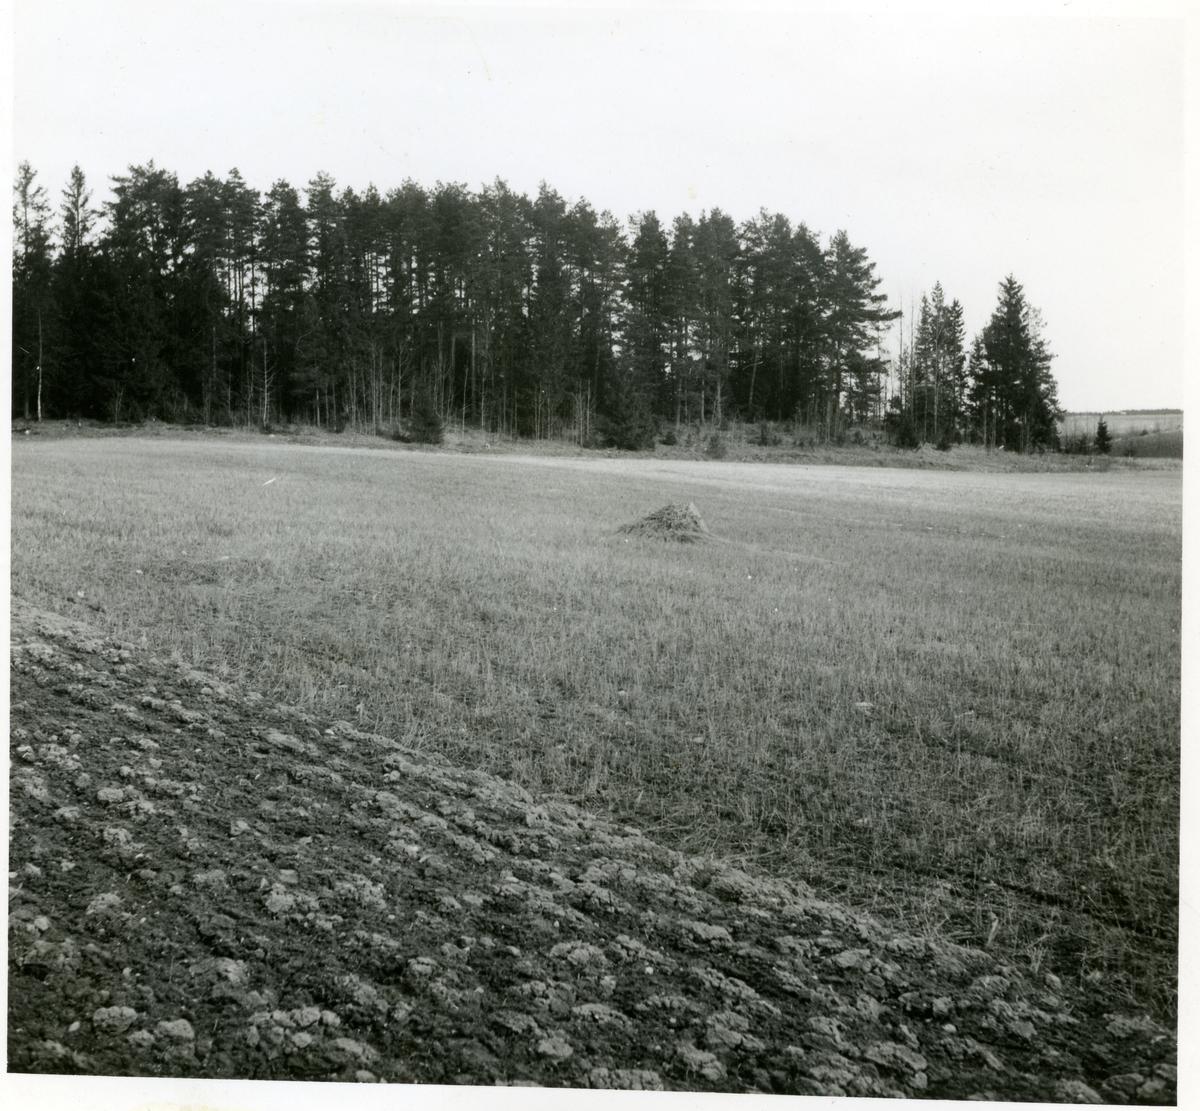 Hubbo sn, Fågelbacken. Åker i fornlämningsområde vid Fågelbacken, 1938.